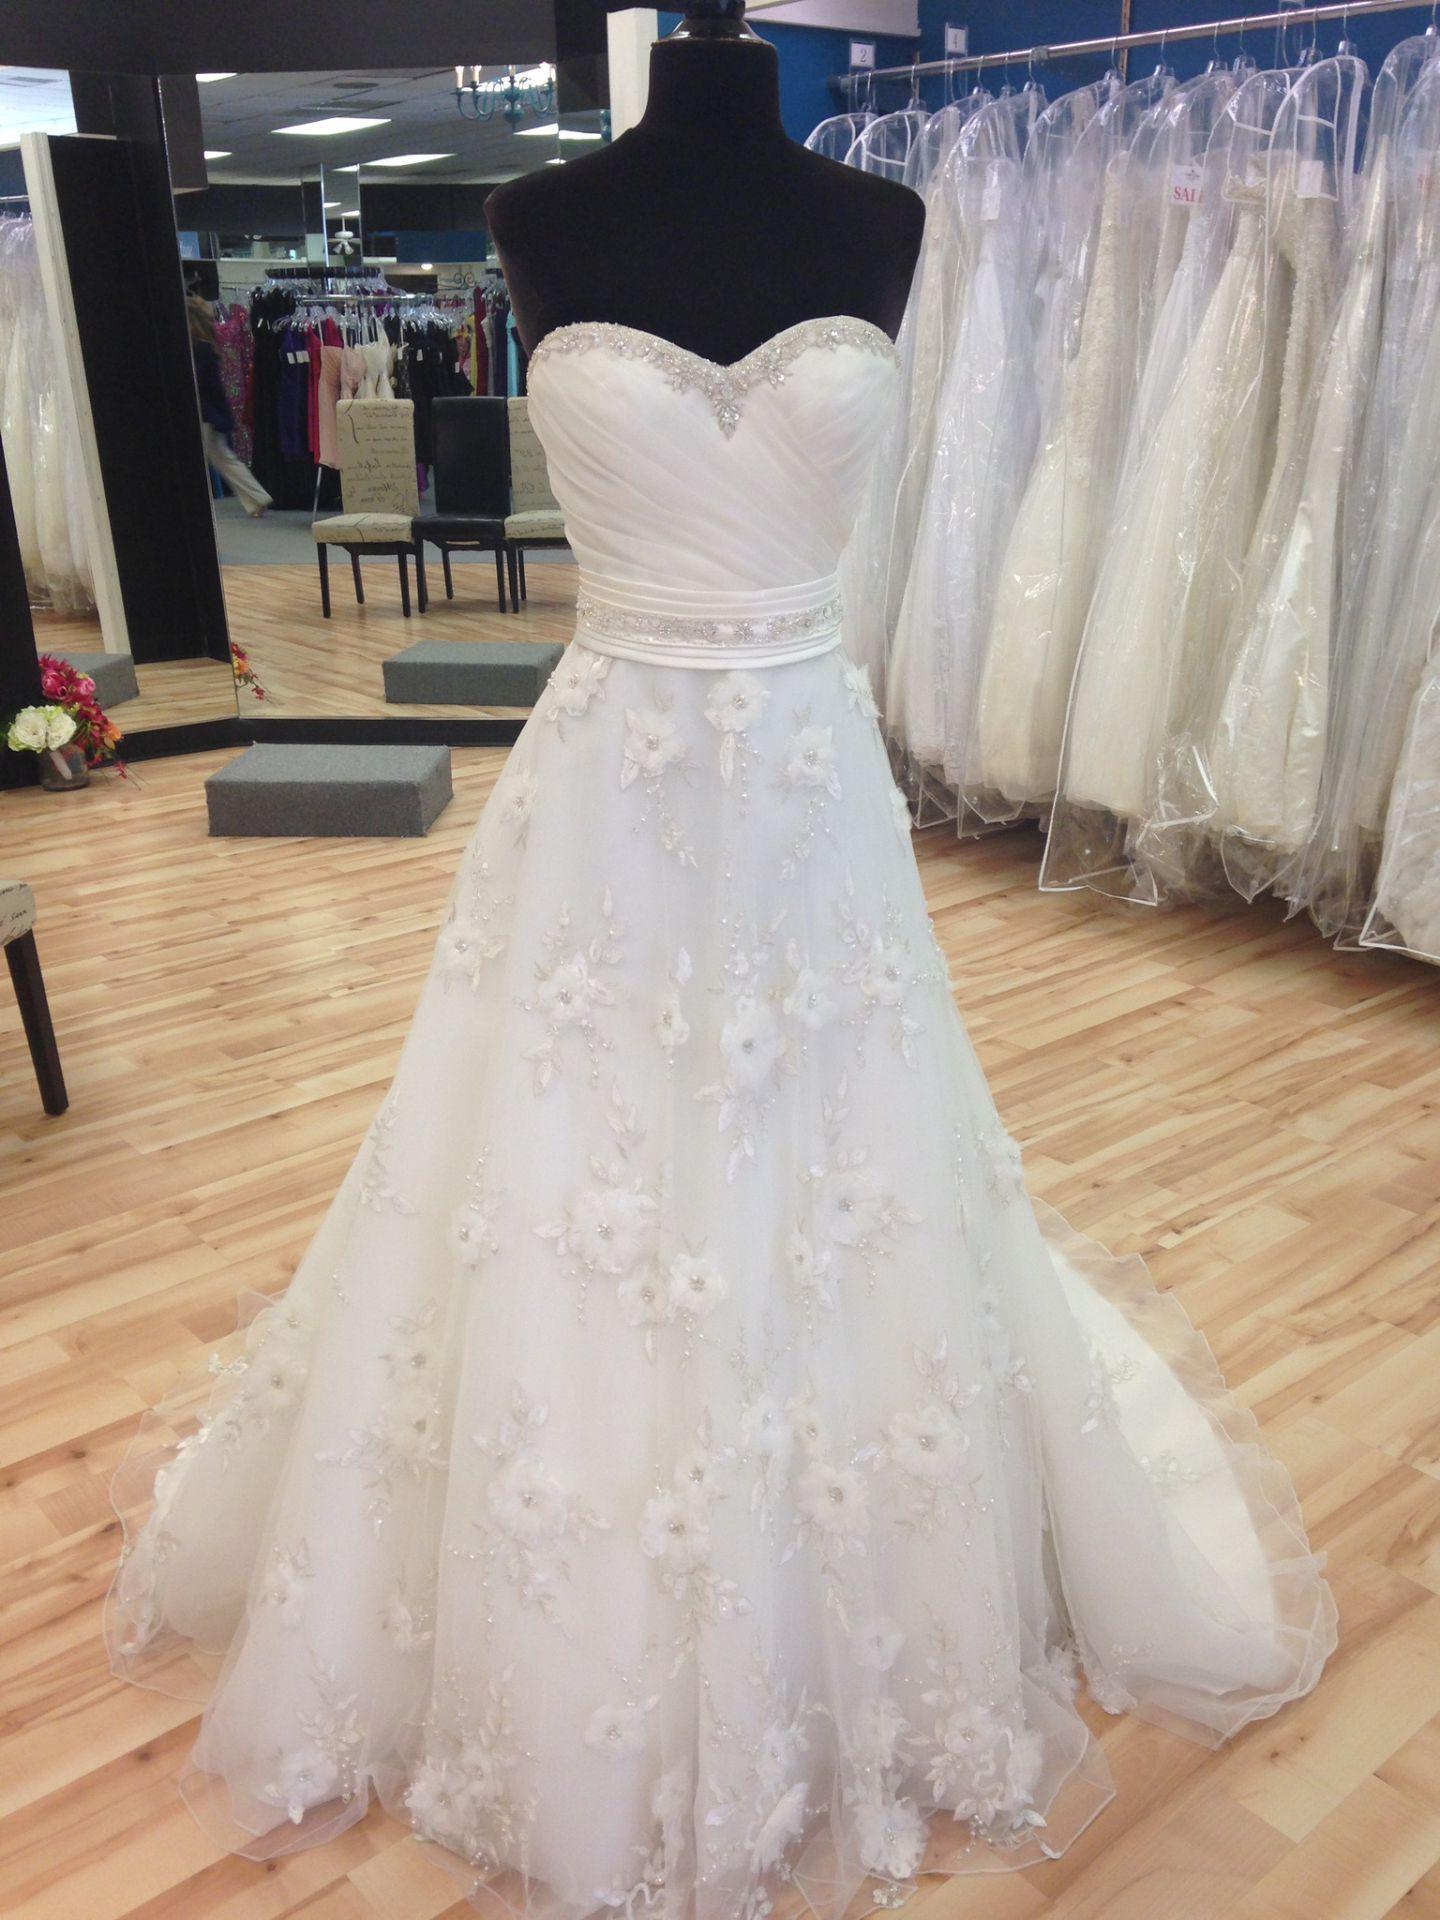 Fun and Flirty Wedding Dress | Shop Bridal Cottage | Wedding ...